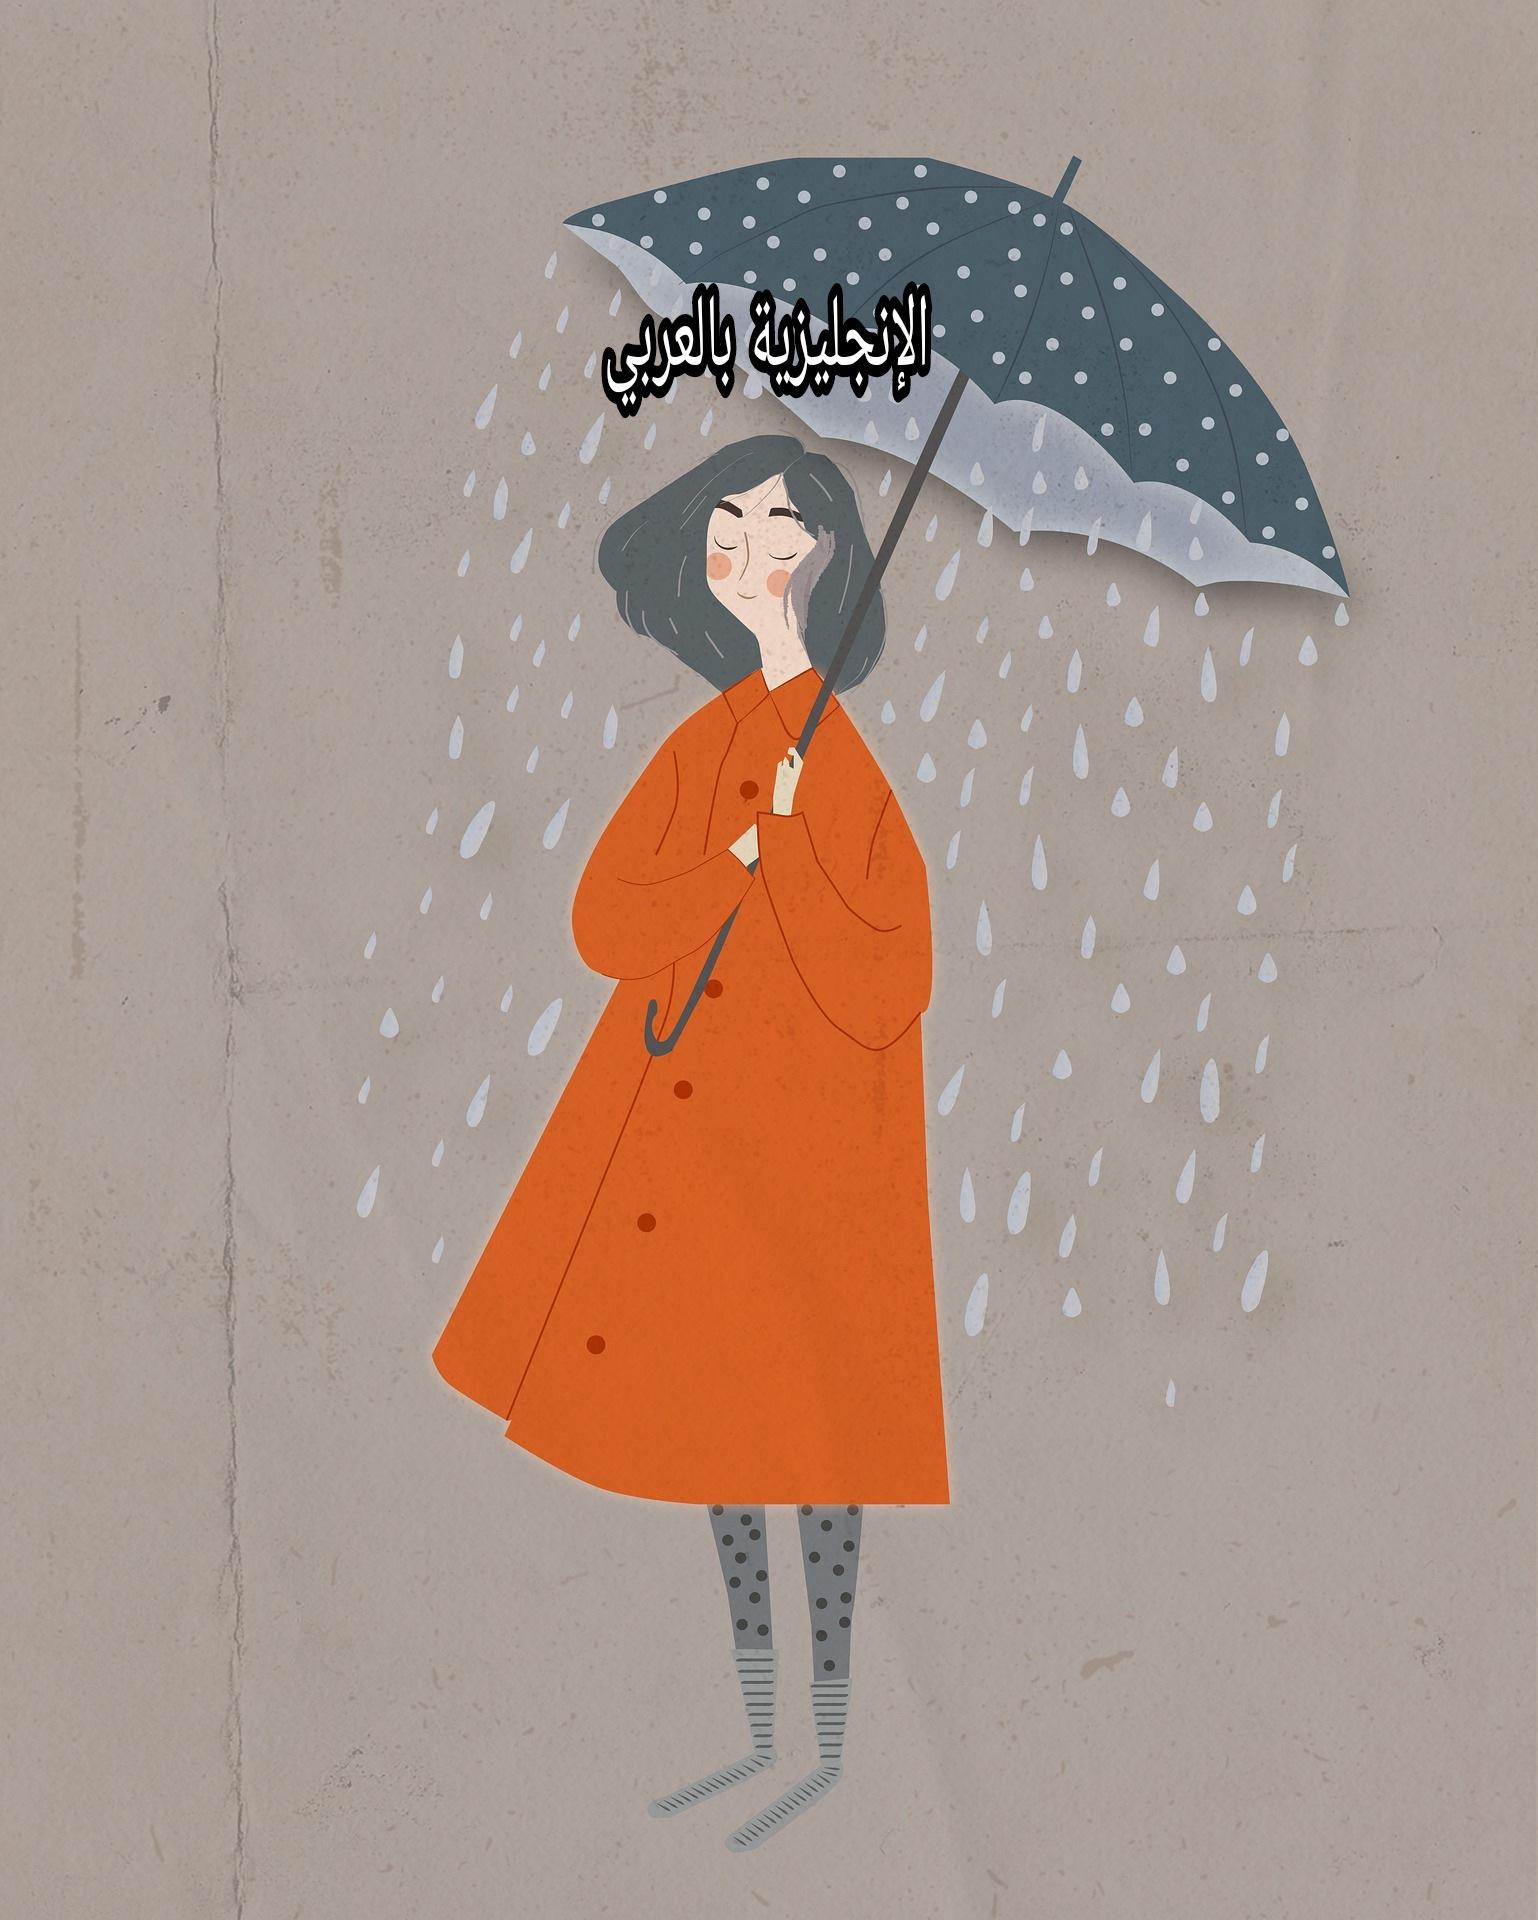 فصل الشتاء والأمطار بالإنجليزية